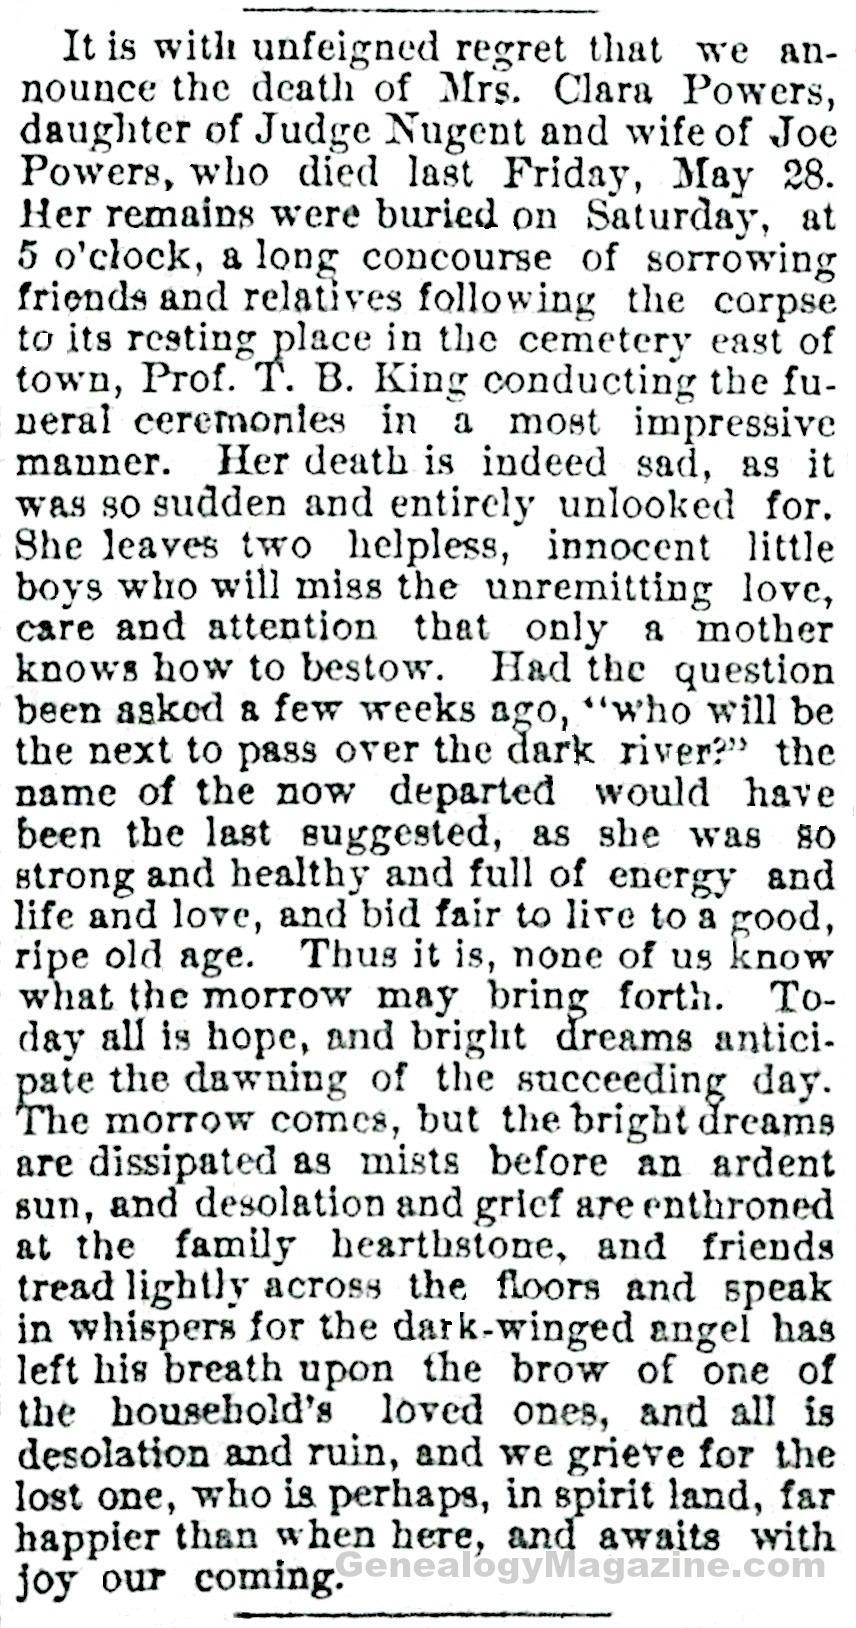 POWERS, Clara obituary